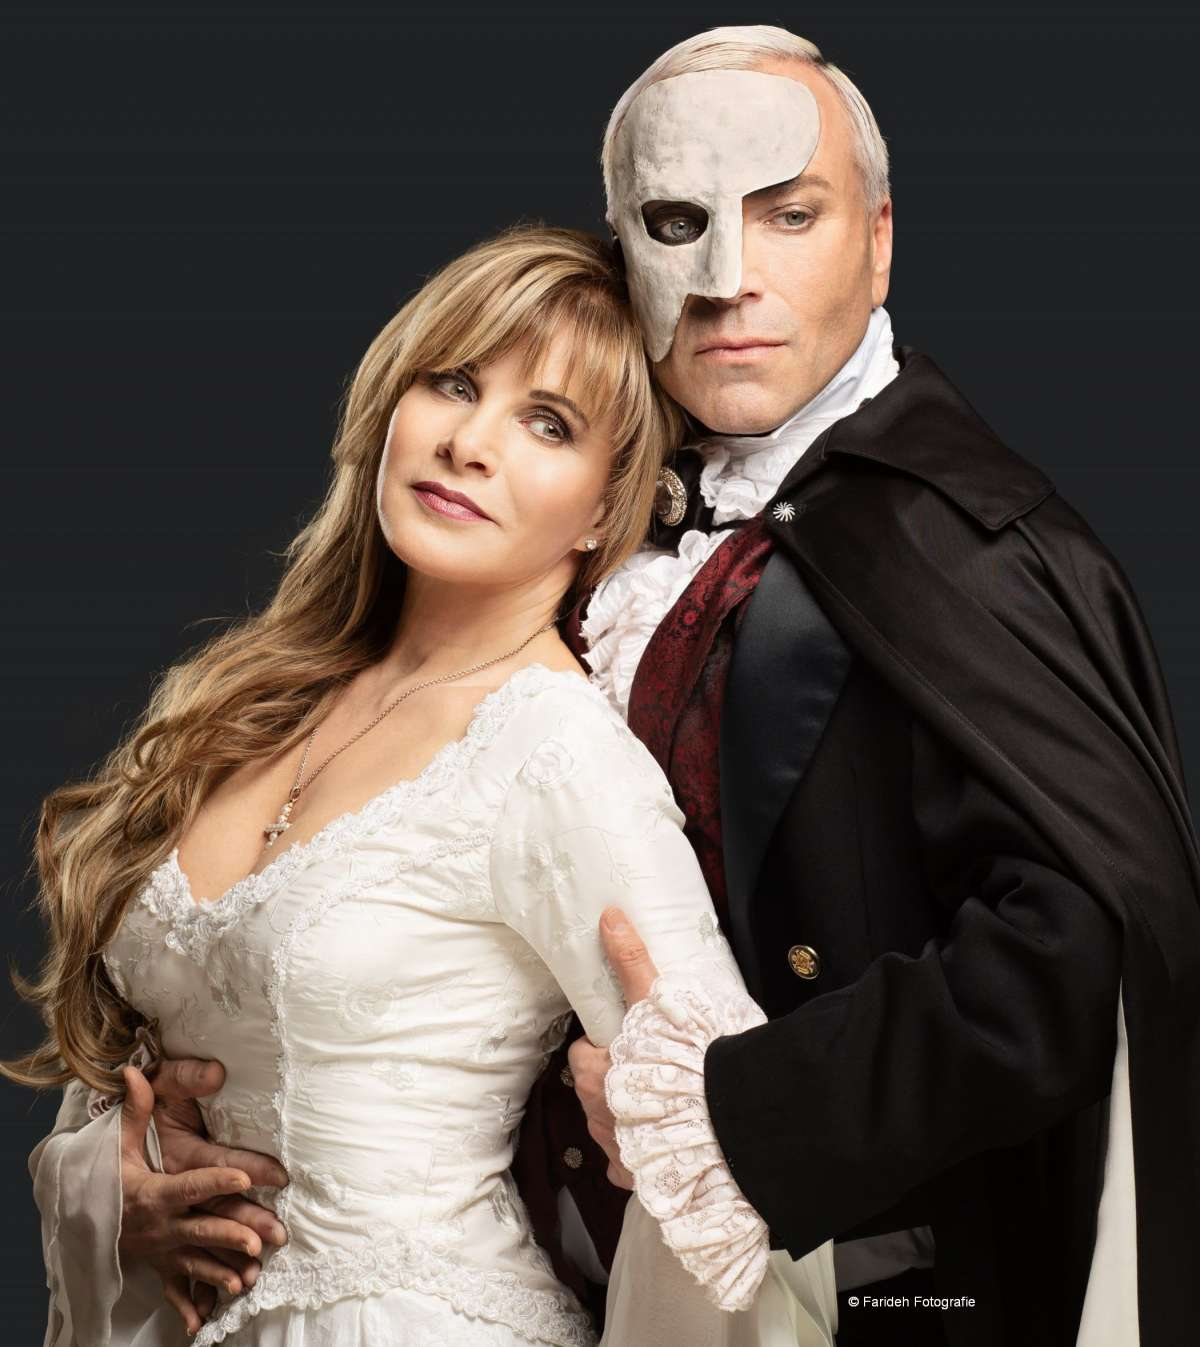 Das Phantom der Oper - Deborah Sasson und Uwe Kröger - Stadthalle  - Beverungen